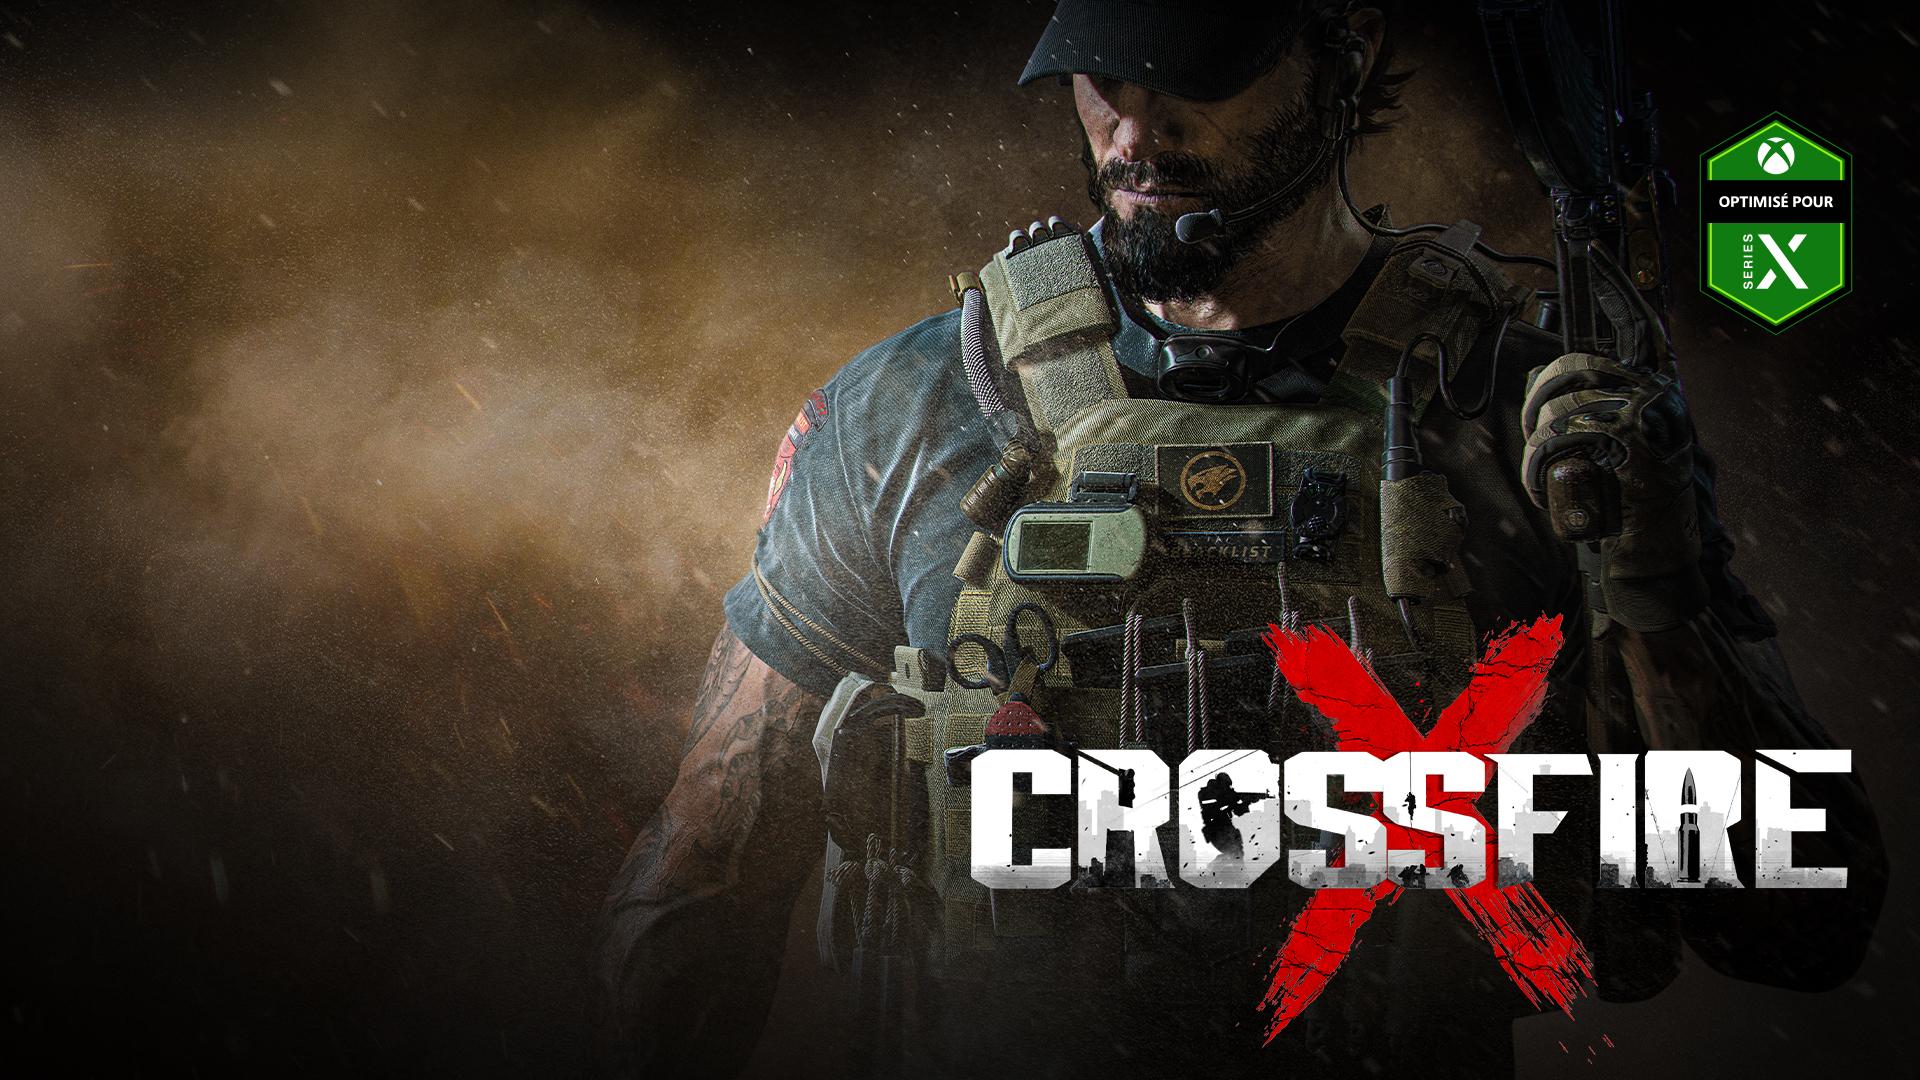 CrossfireX, Optimisé pour XboxSeriesX, un homme lourdement armé se dresse au milieu de la fumée et des cendres